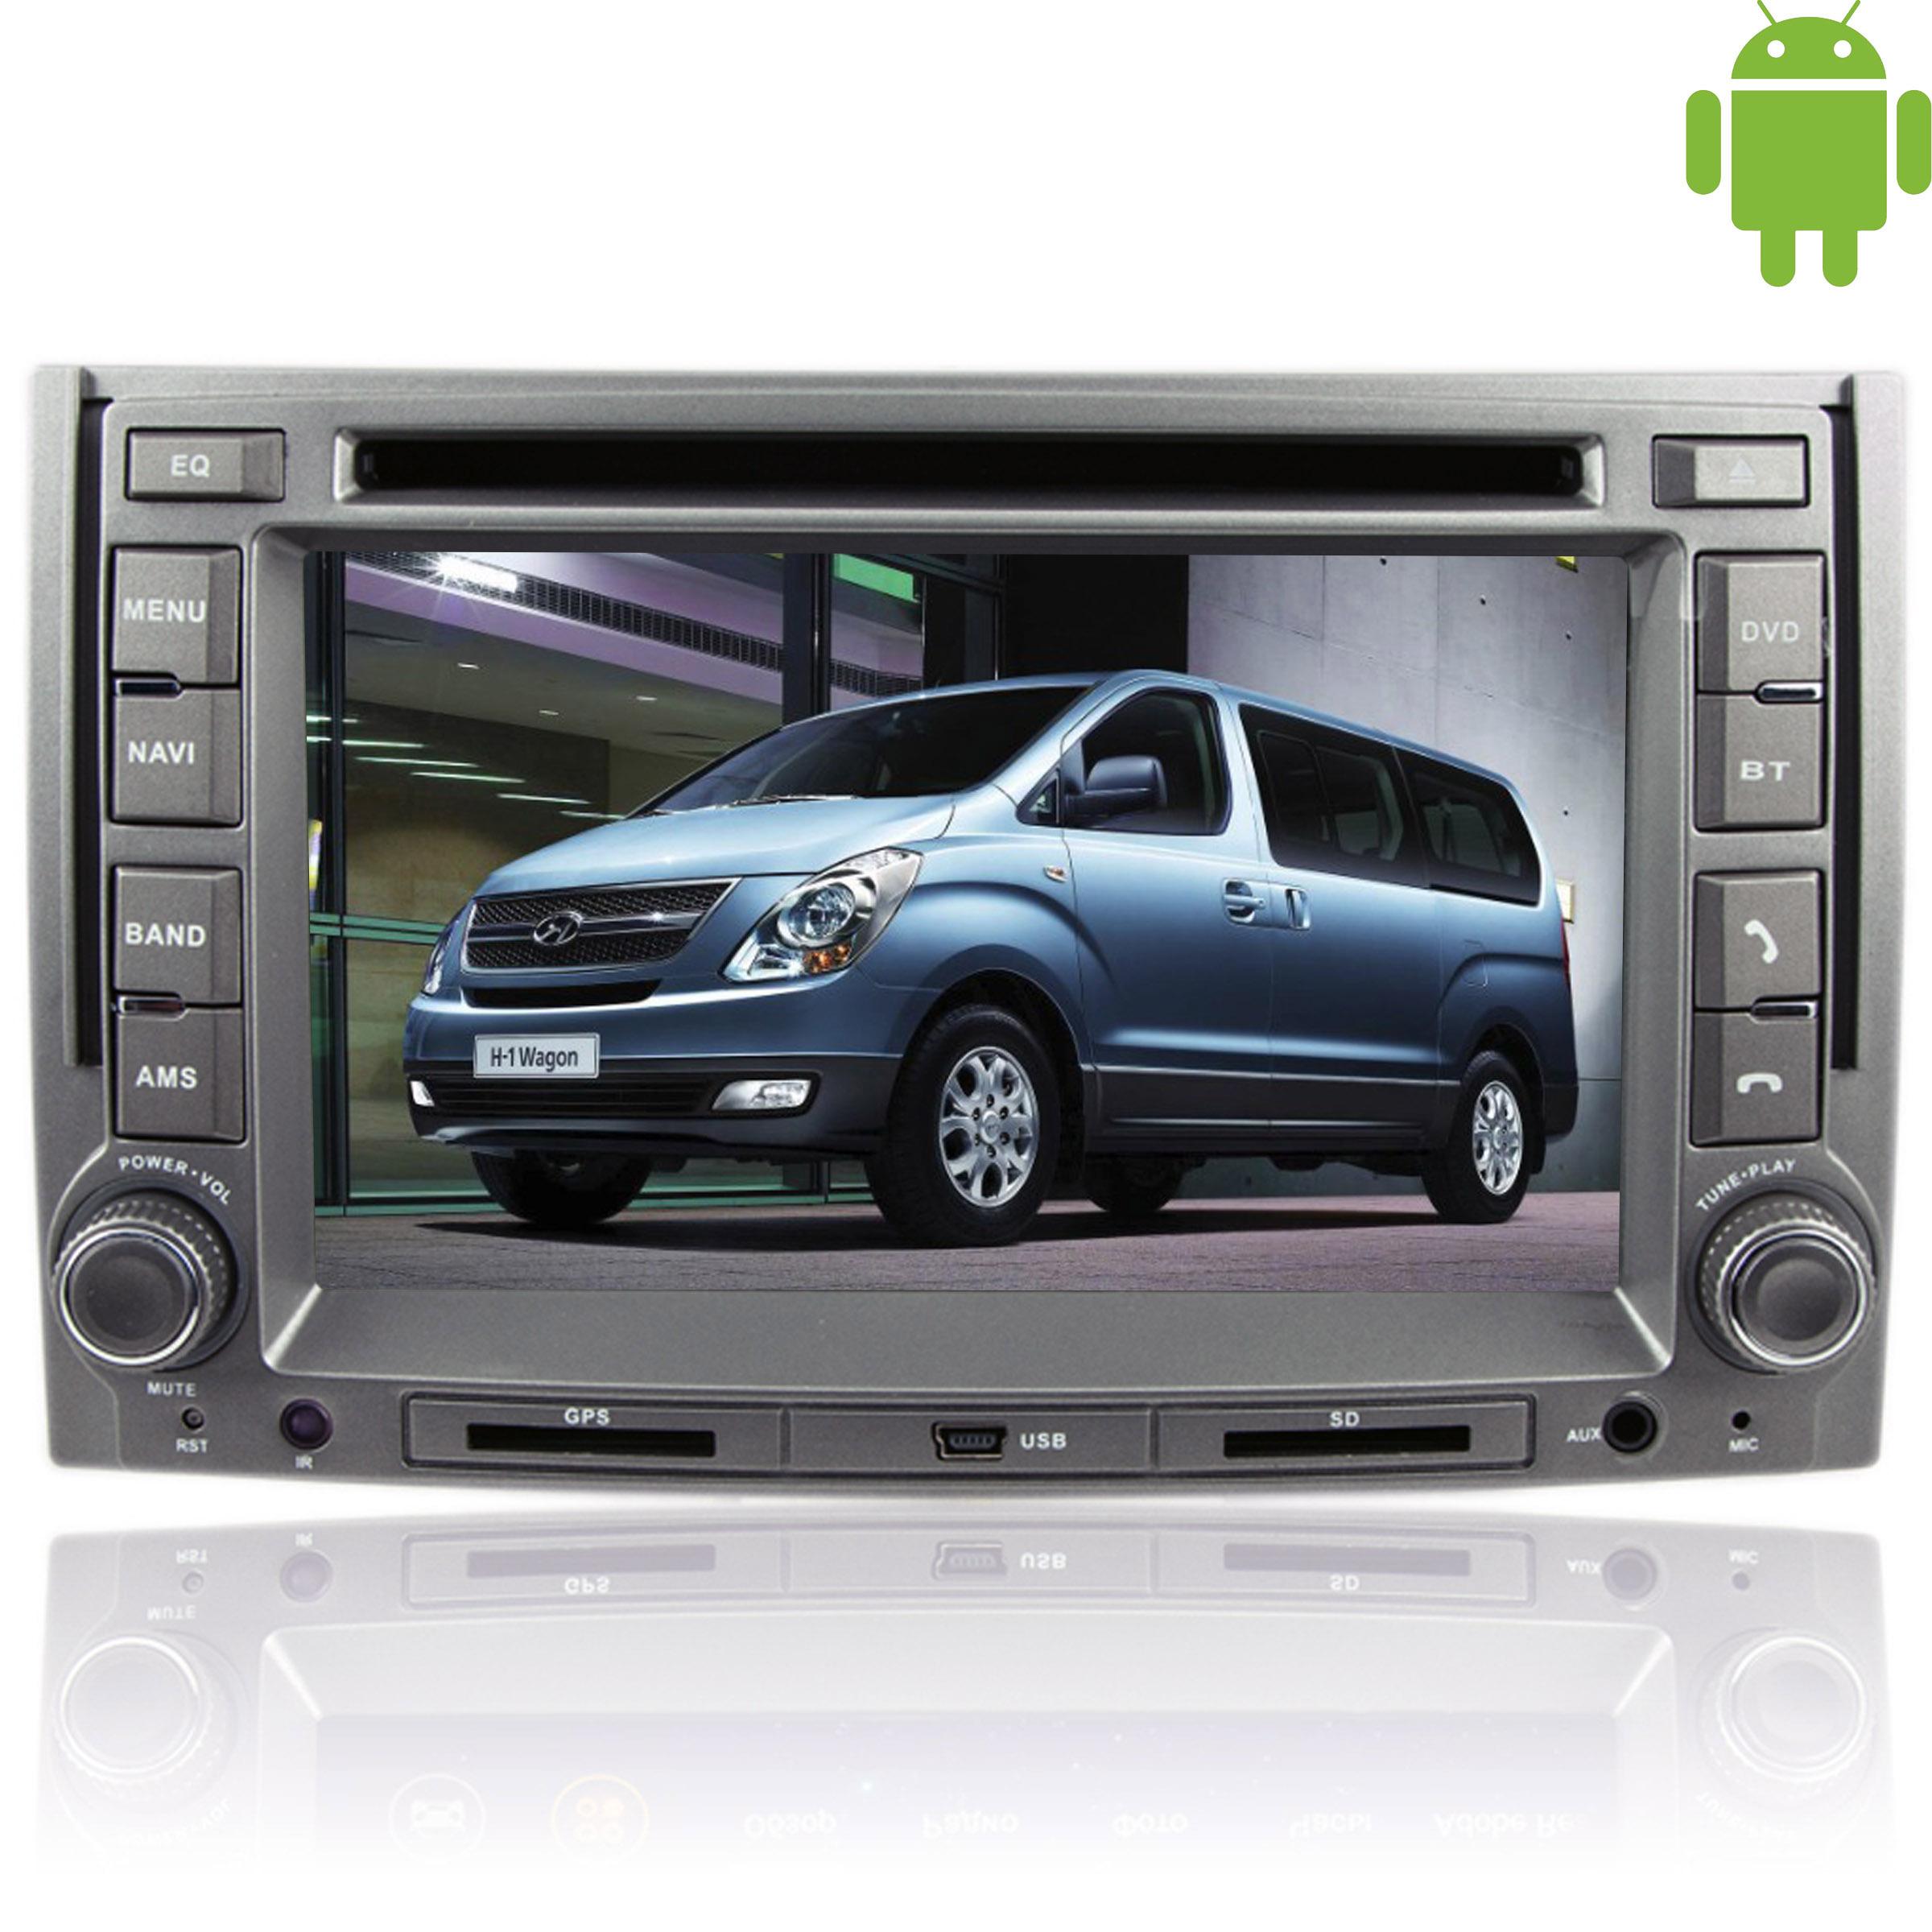 Android Hyundai Grand Starex